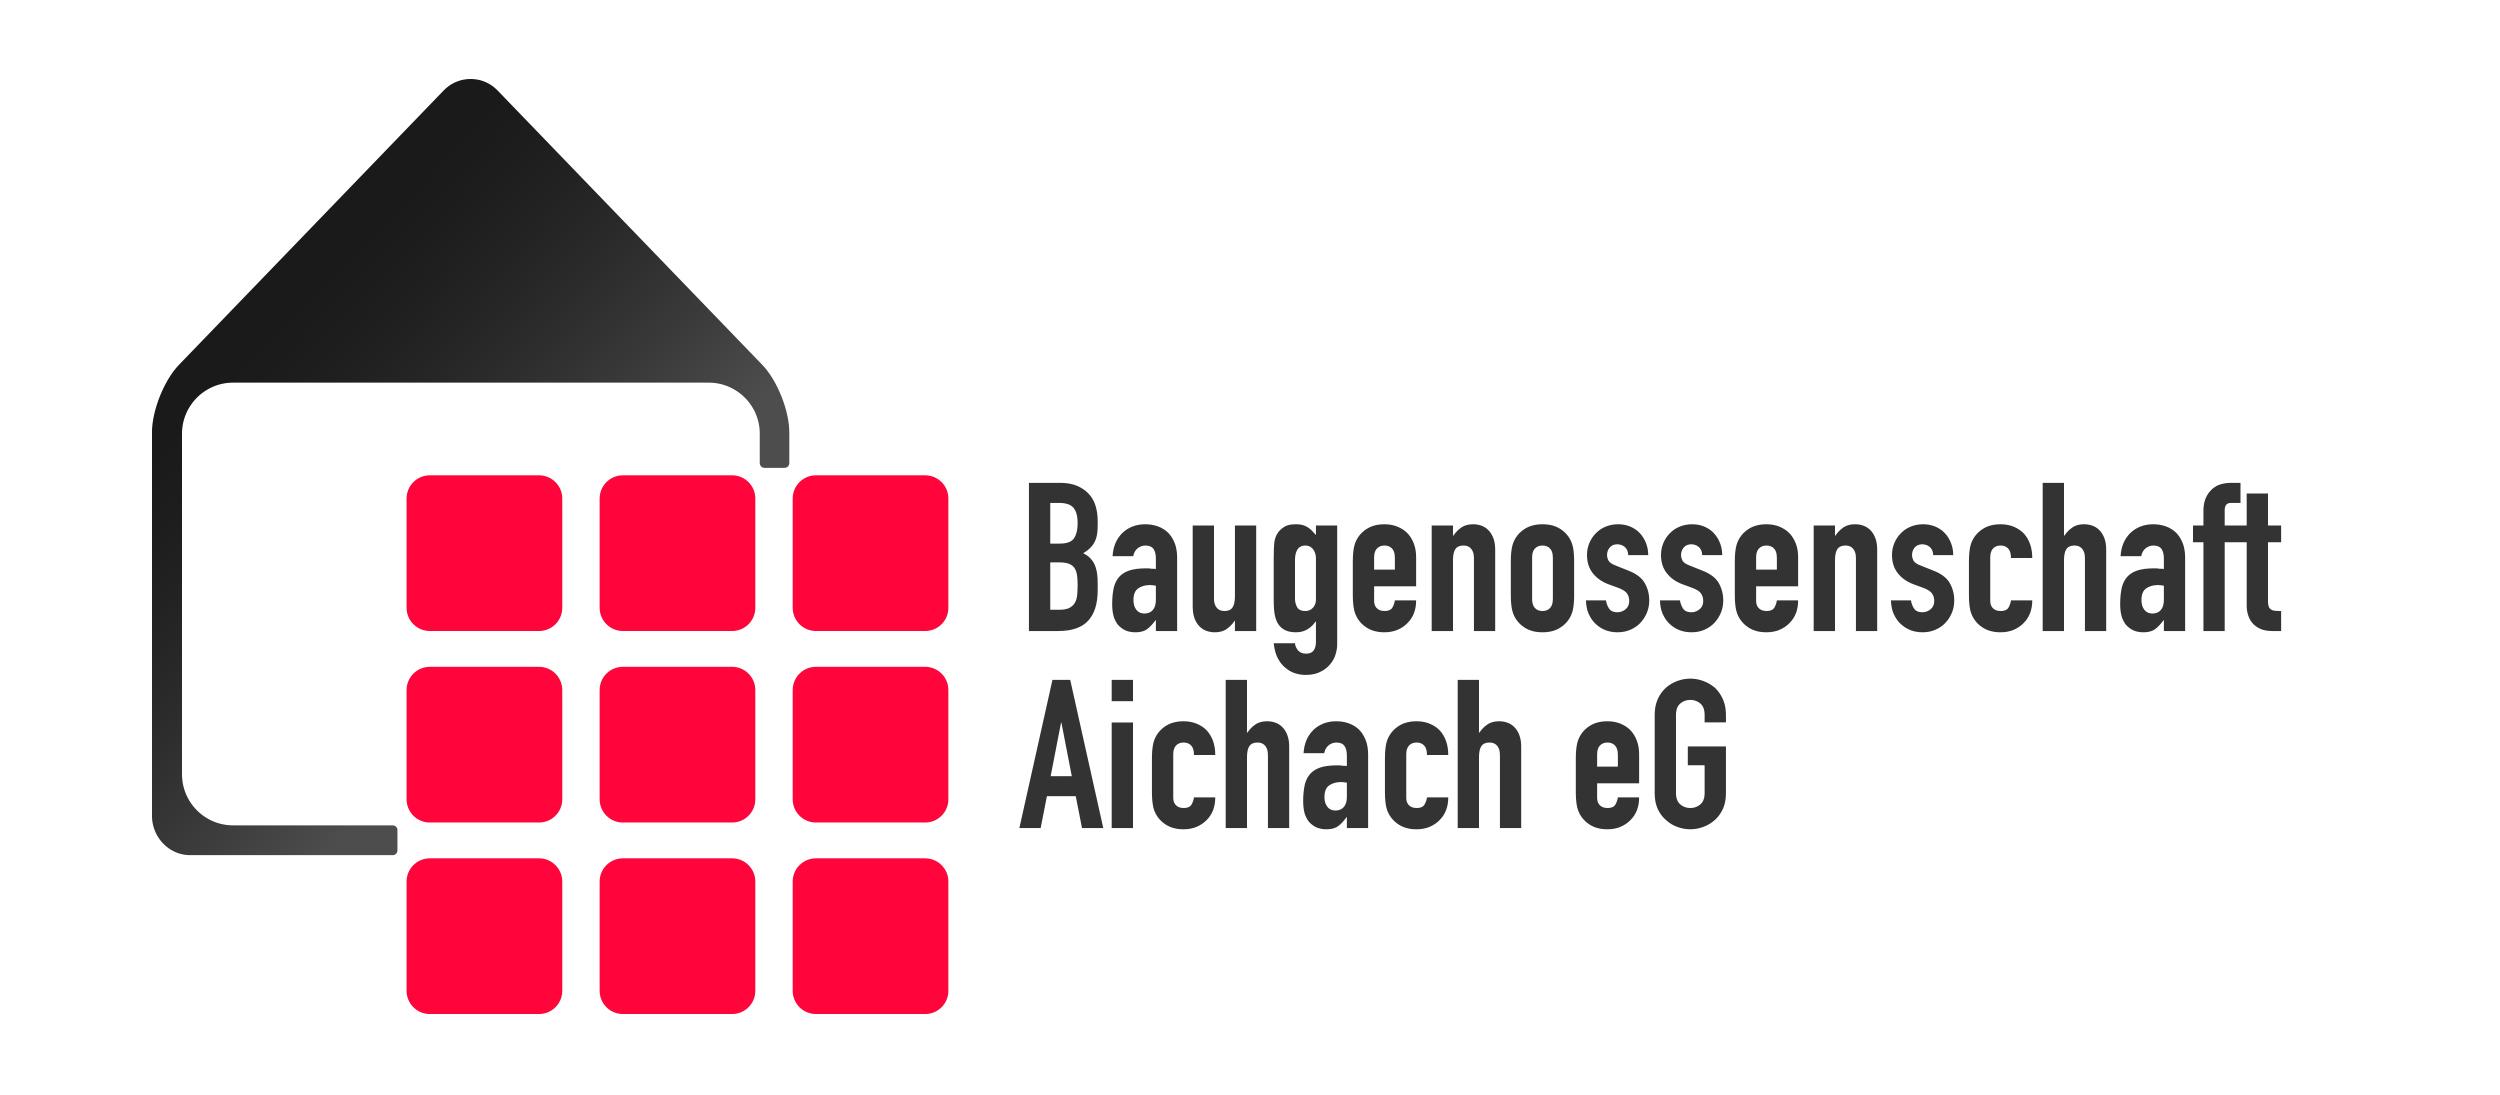 Baugenossenschaft Aichach eG